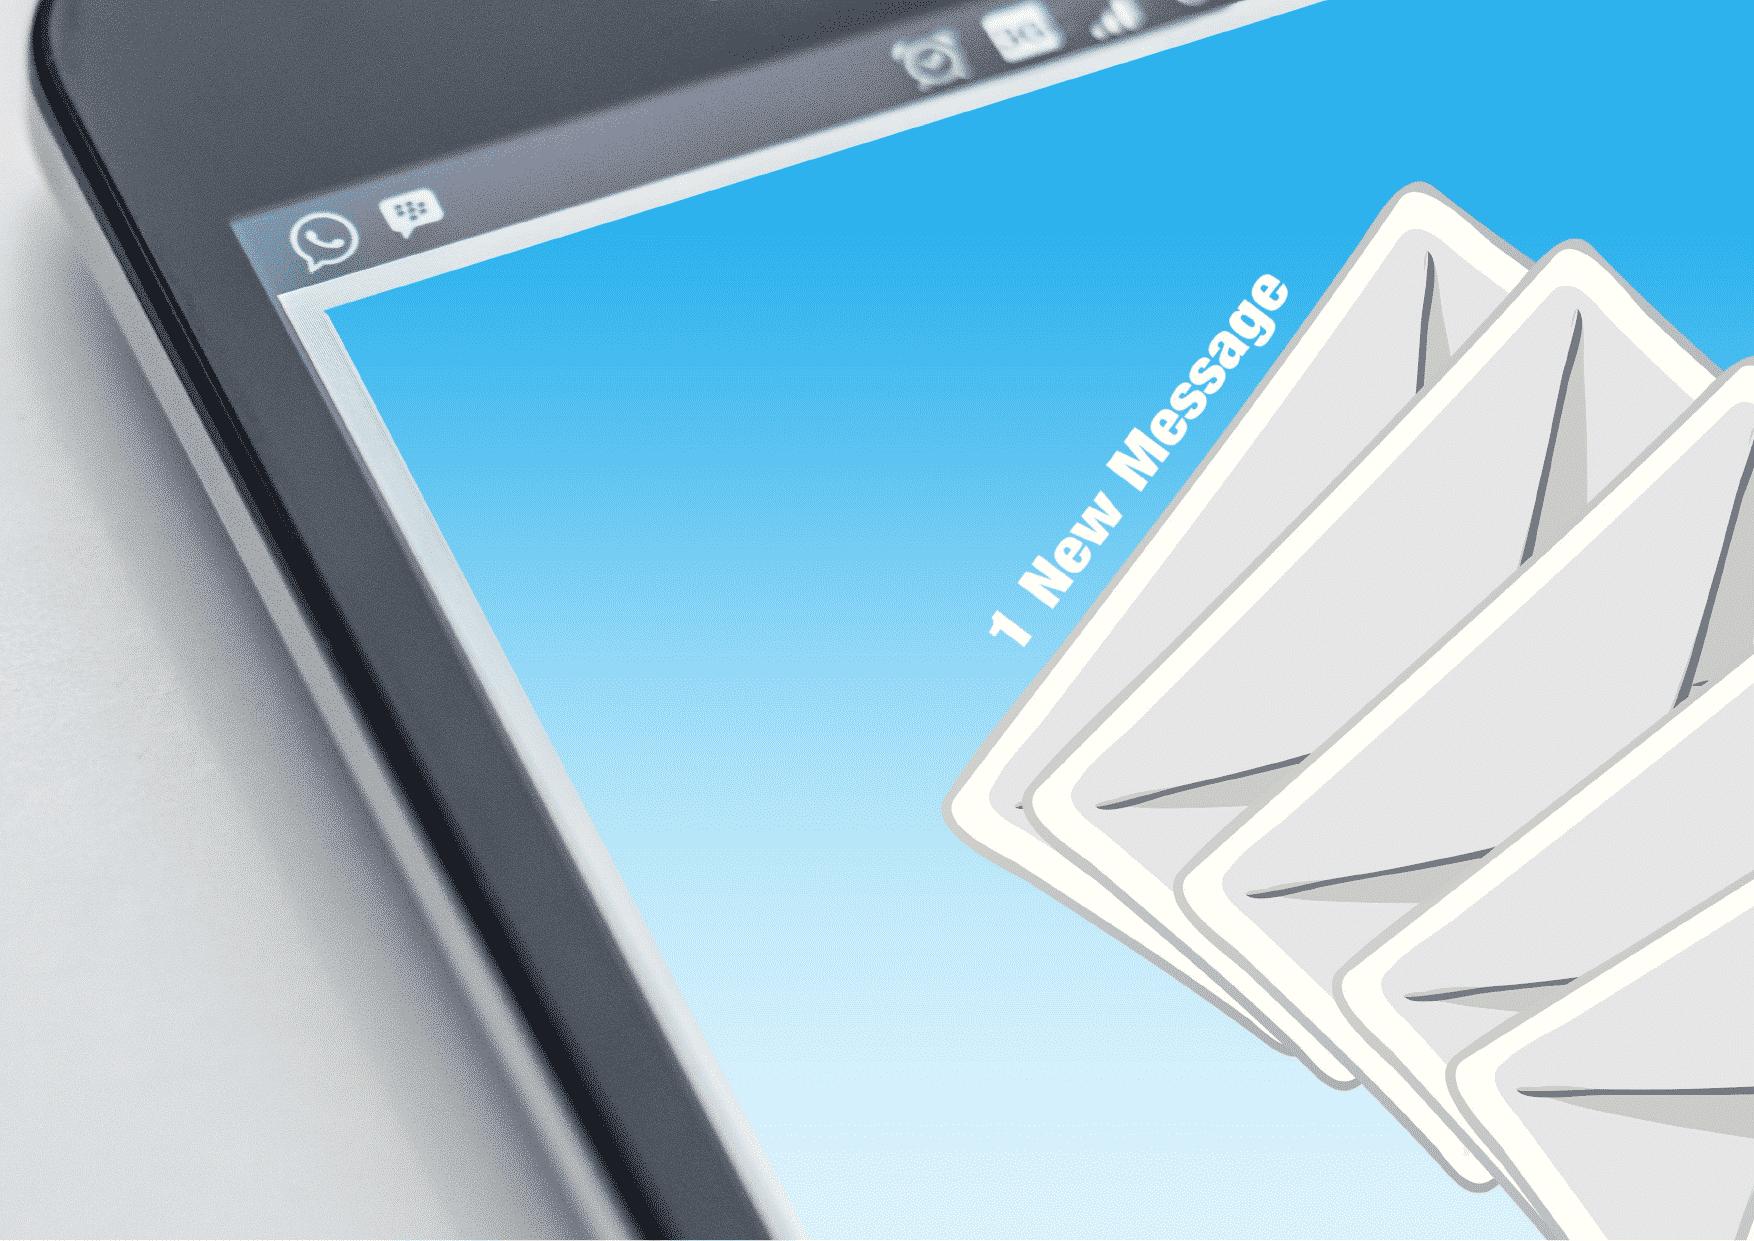 Pengaruh Email Marketing dalam Mengenalkan Brand